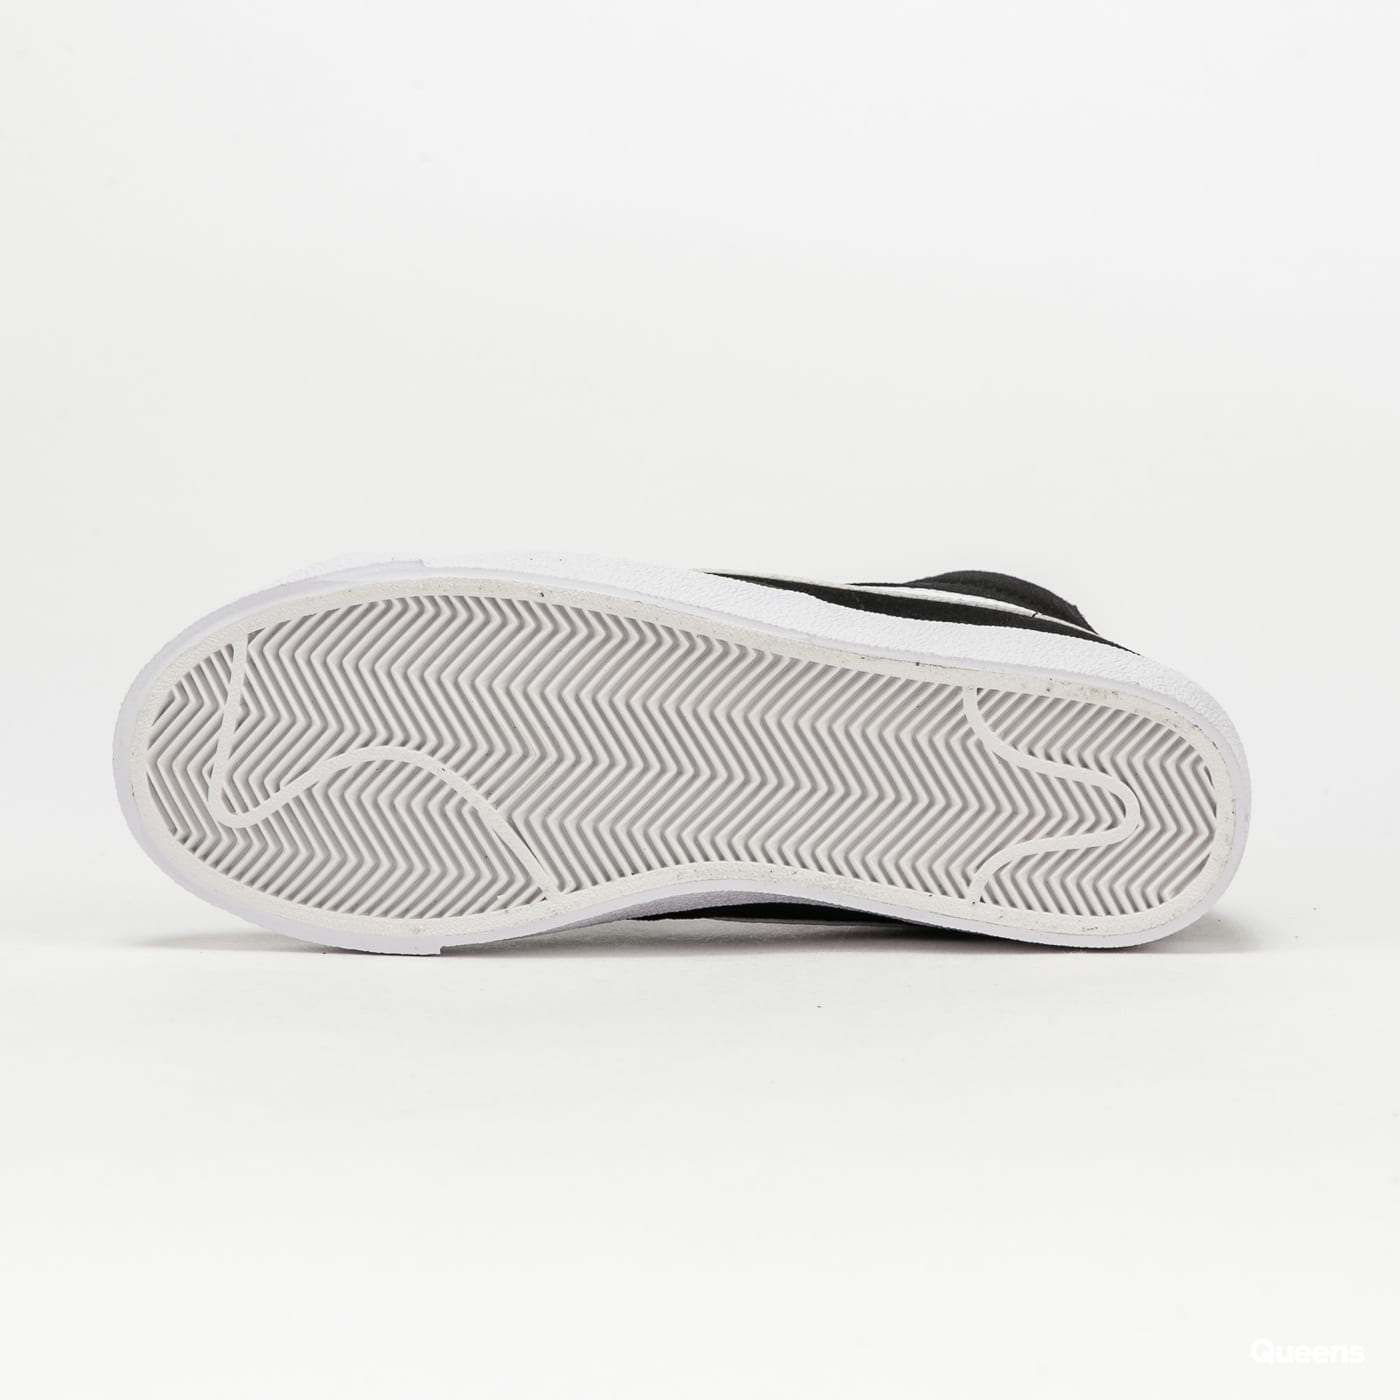 Nike WMNS Blazer Mid '77 black / white